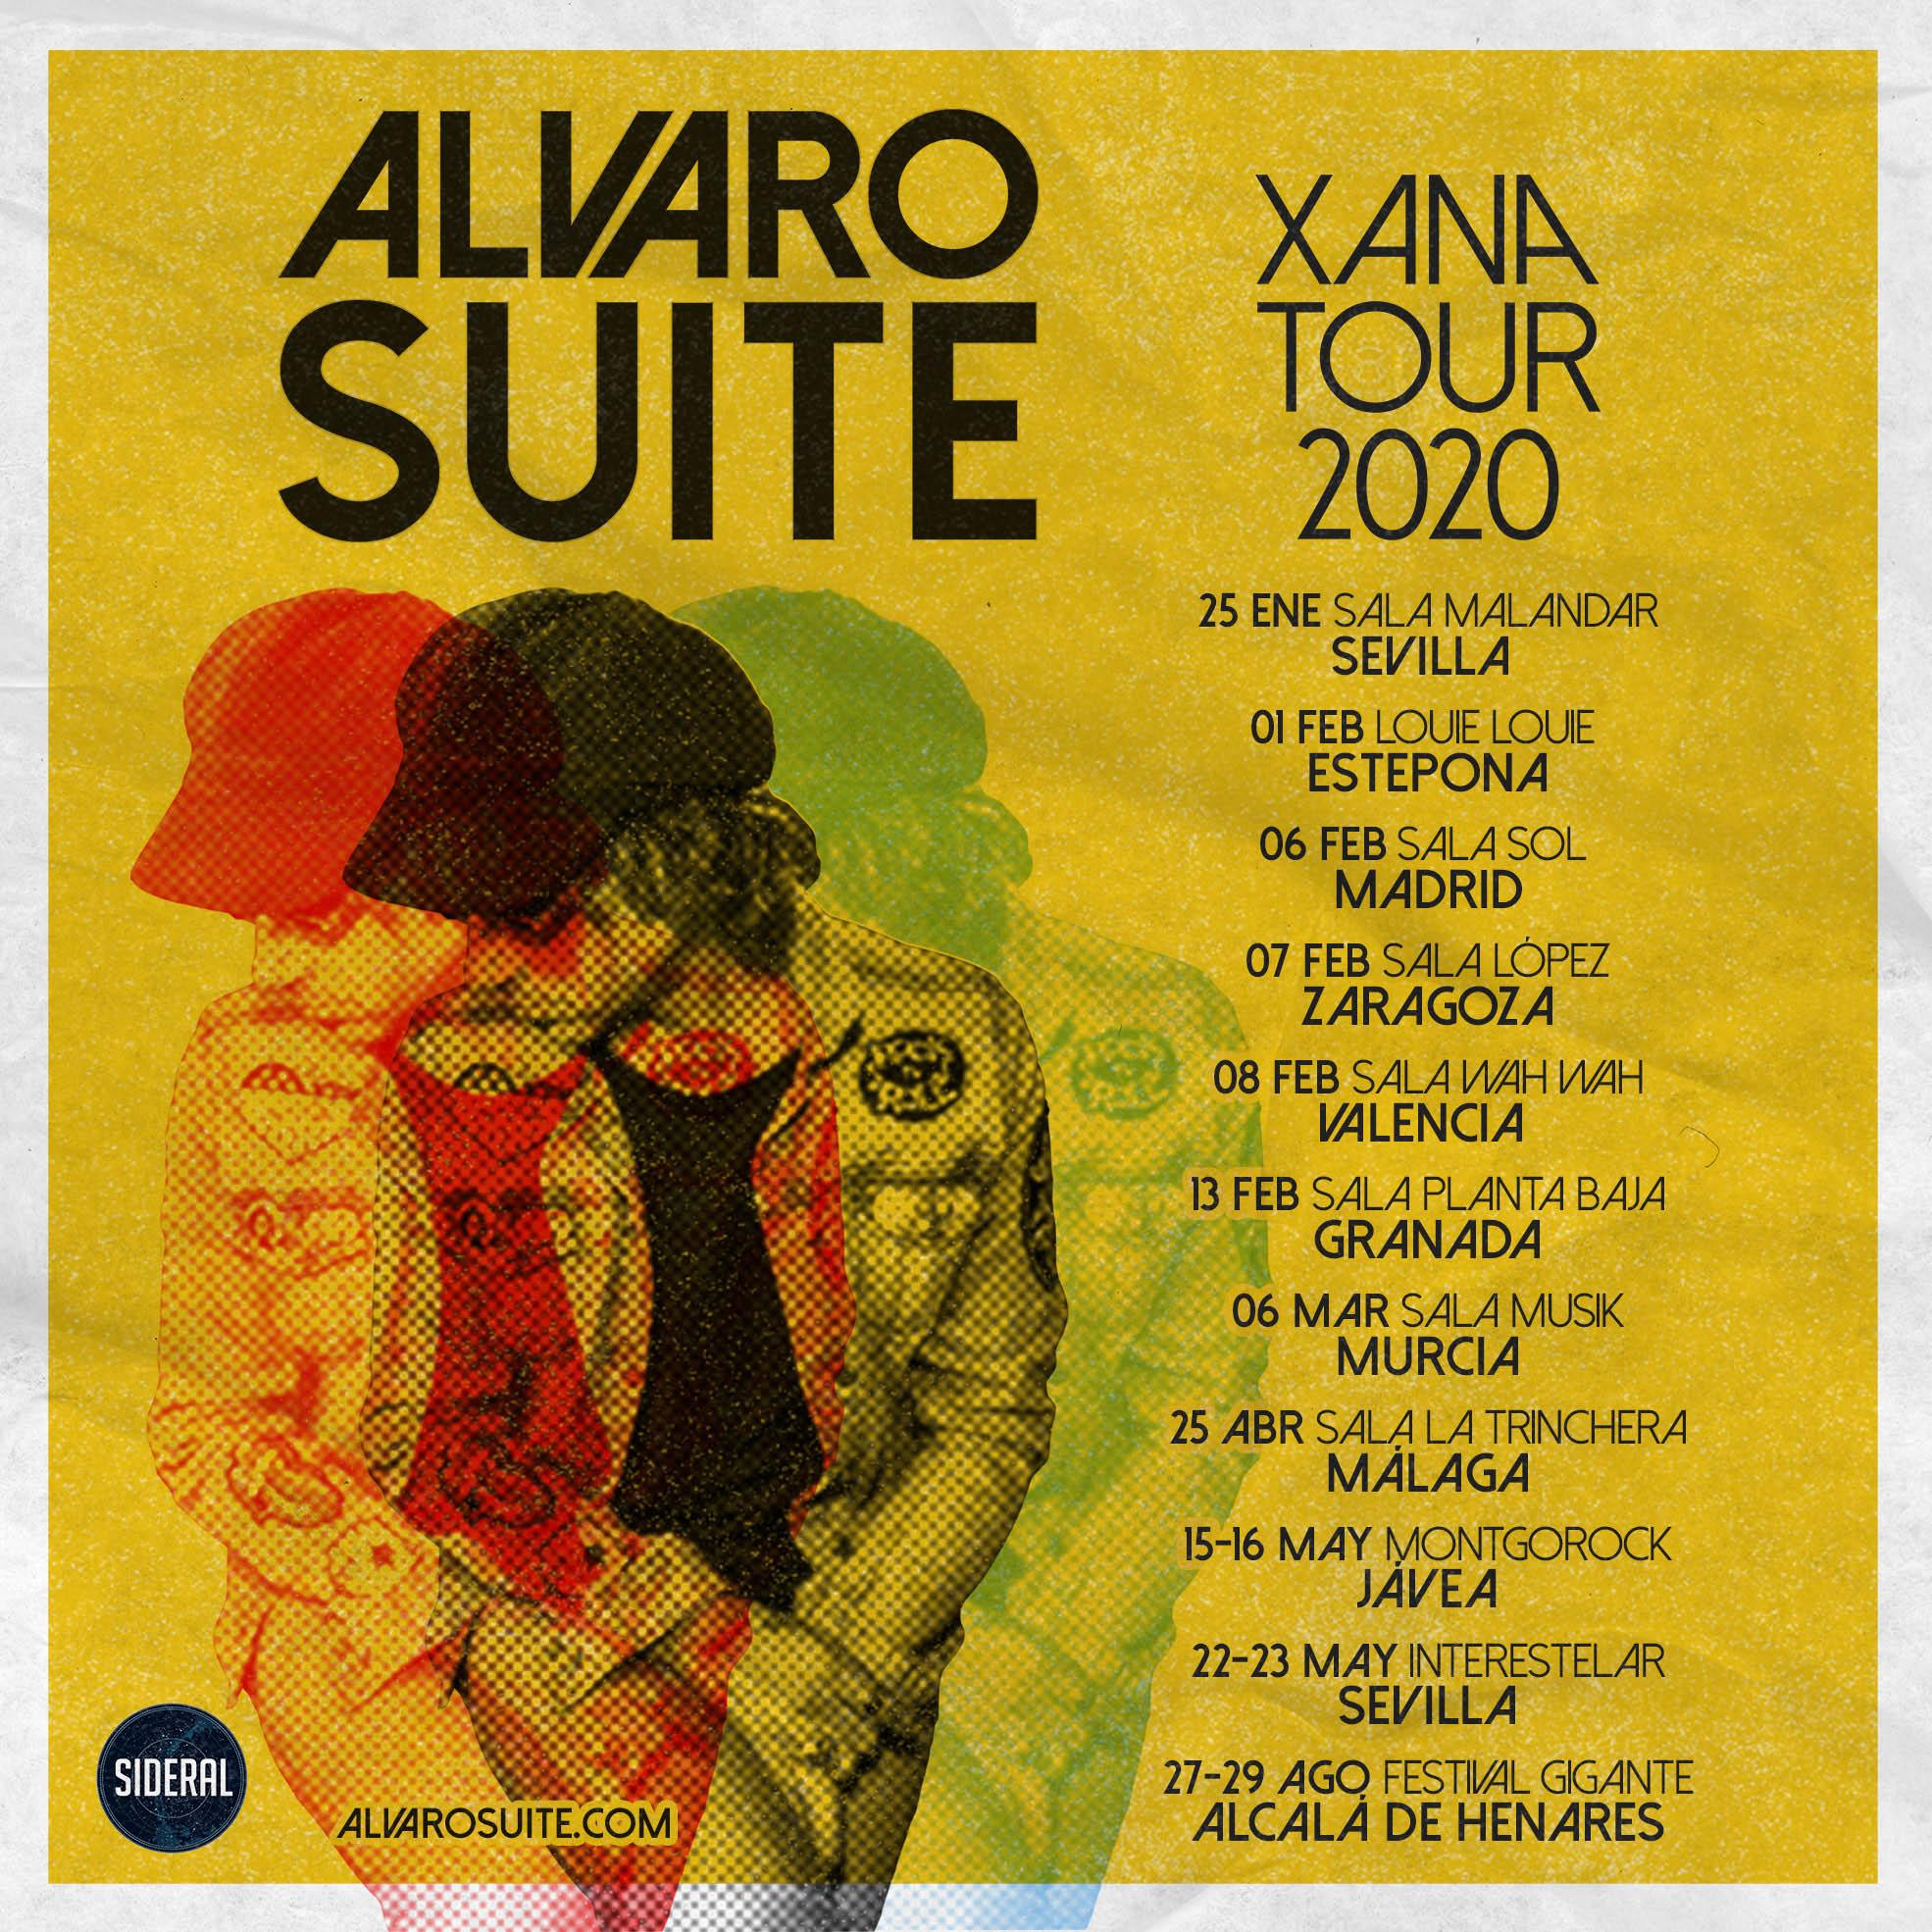 Alvaro Suite publica 'La Xana', su primer disco en solitario